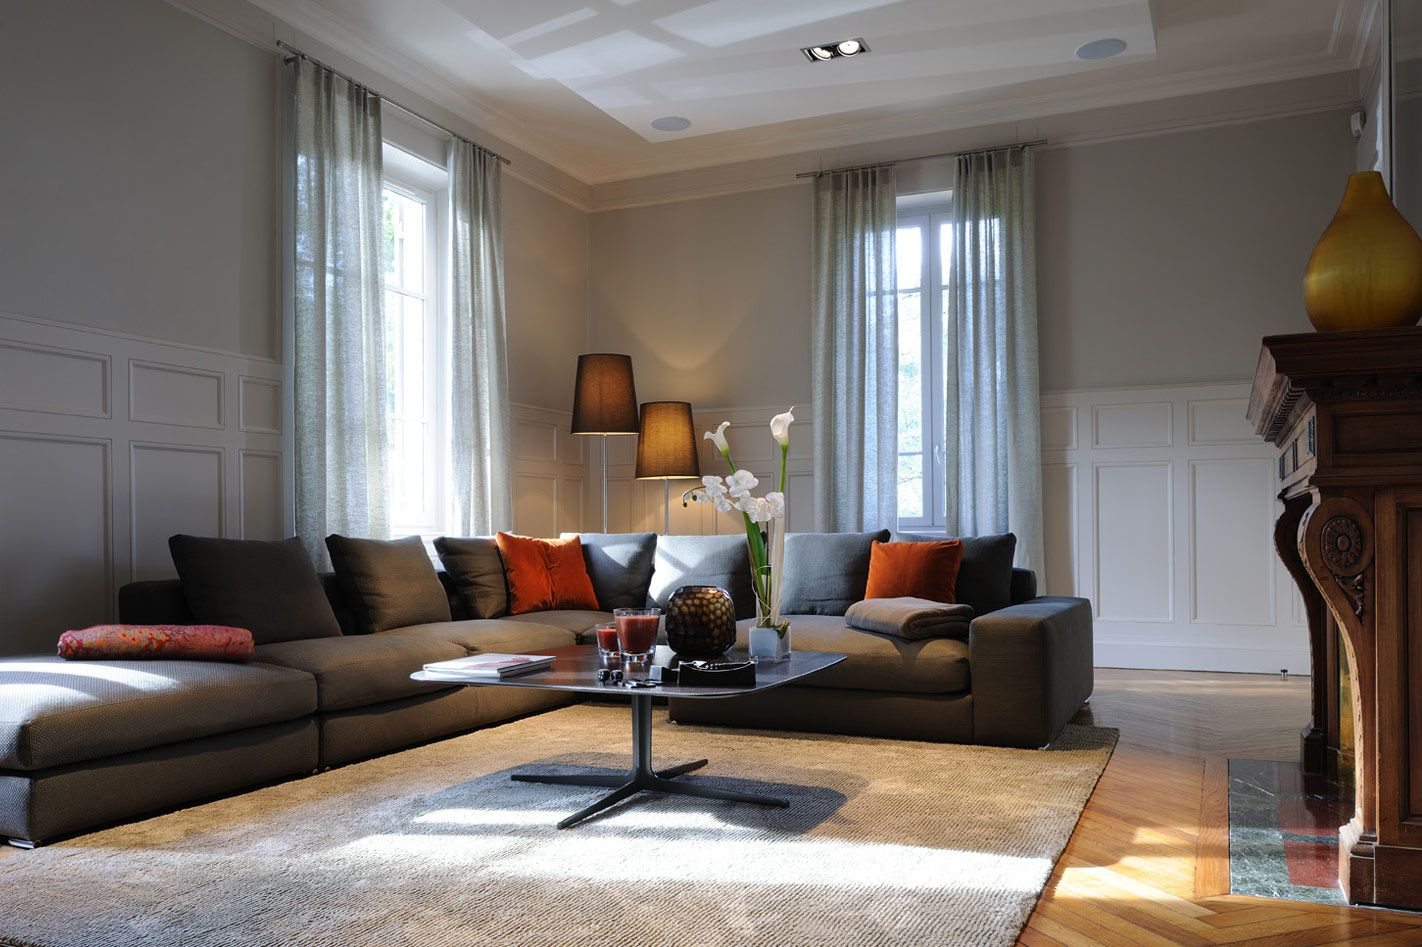 déco grand salon | Deco maison | Pinterest | Living rooms, Interiors ...